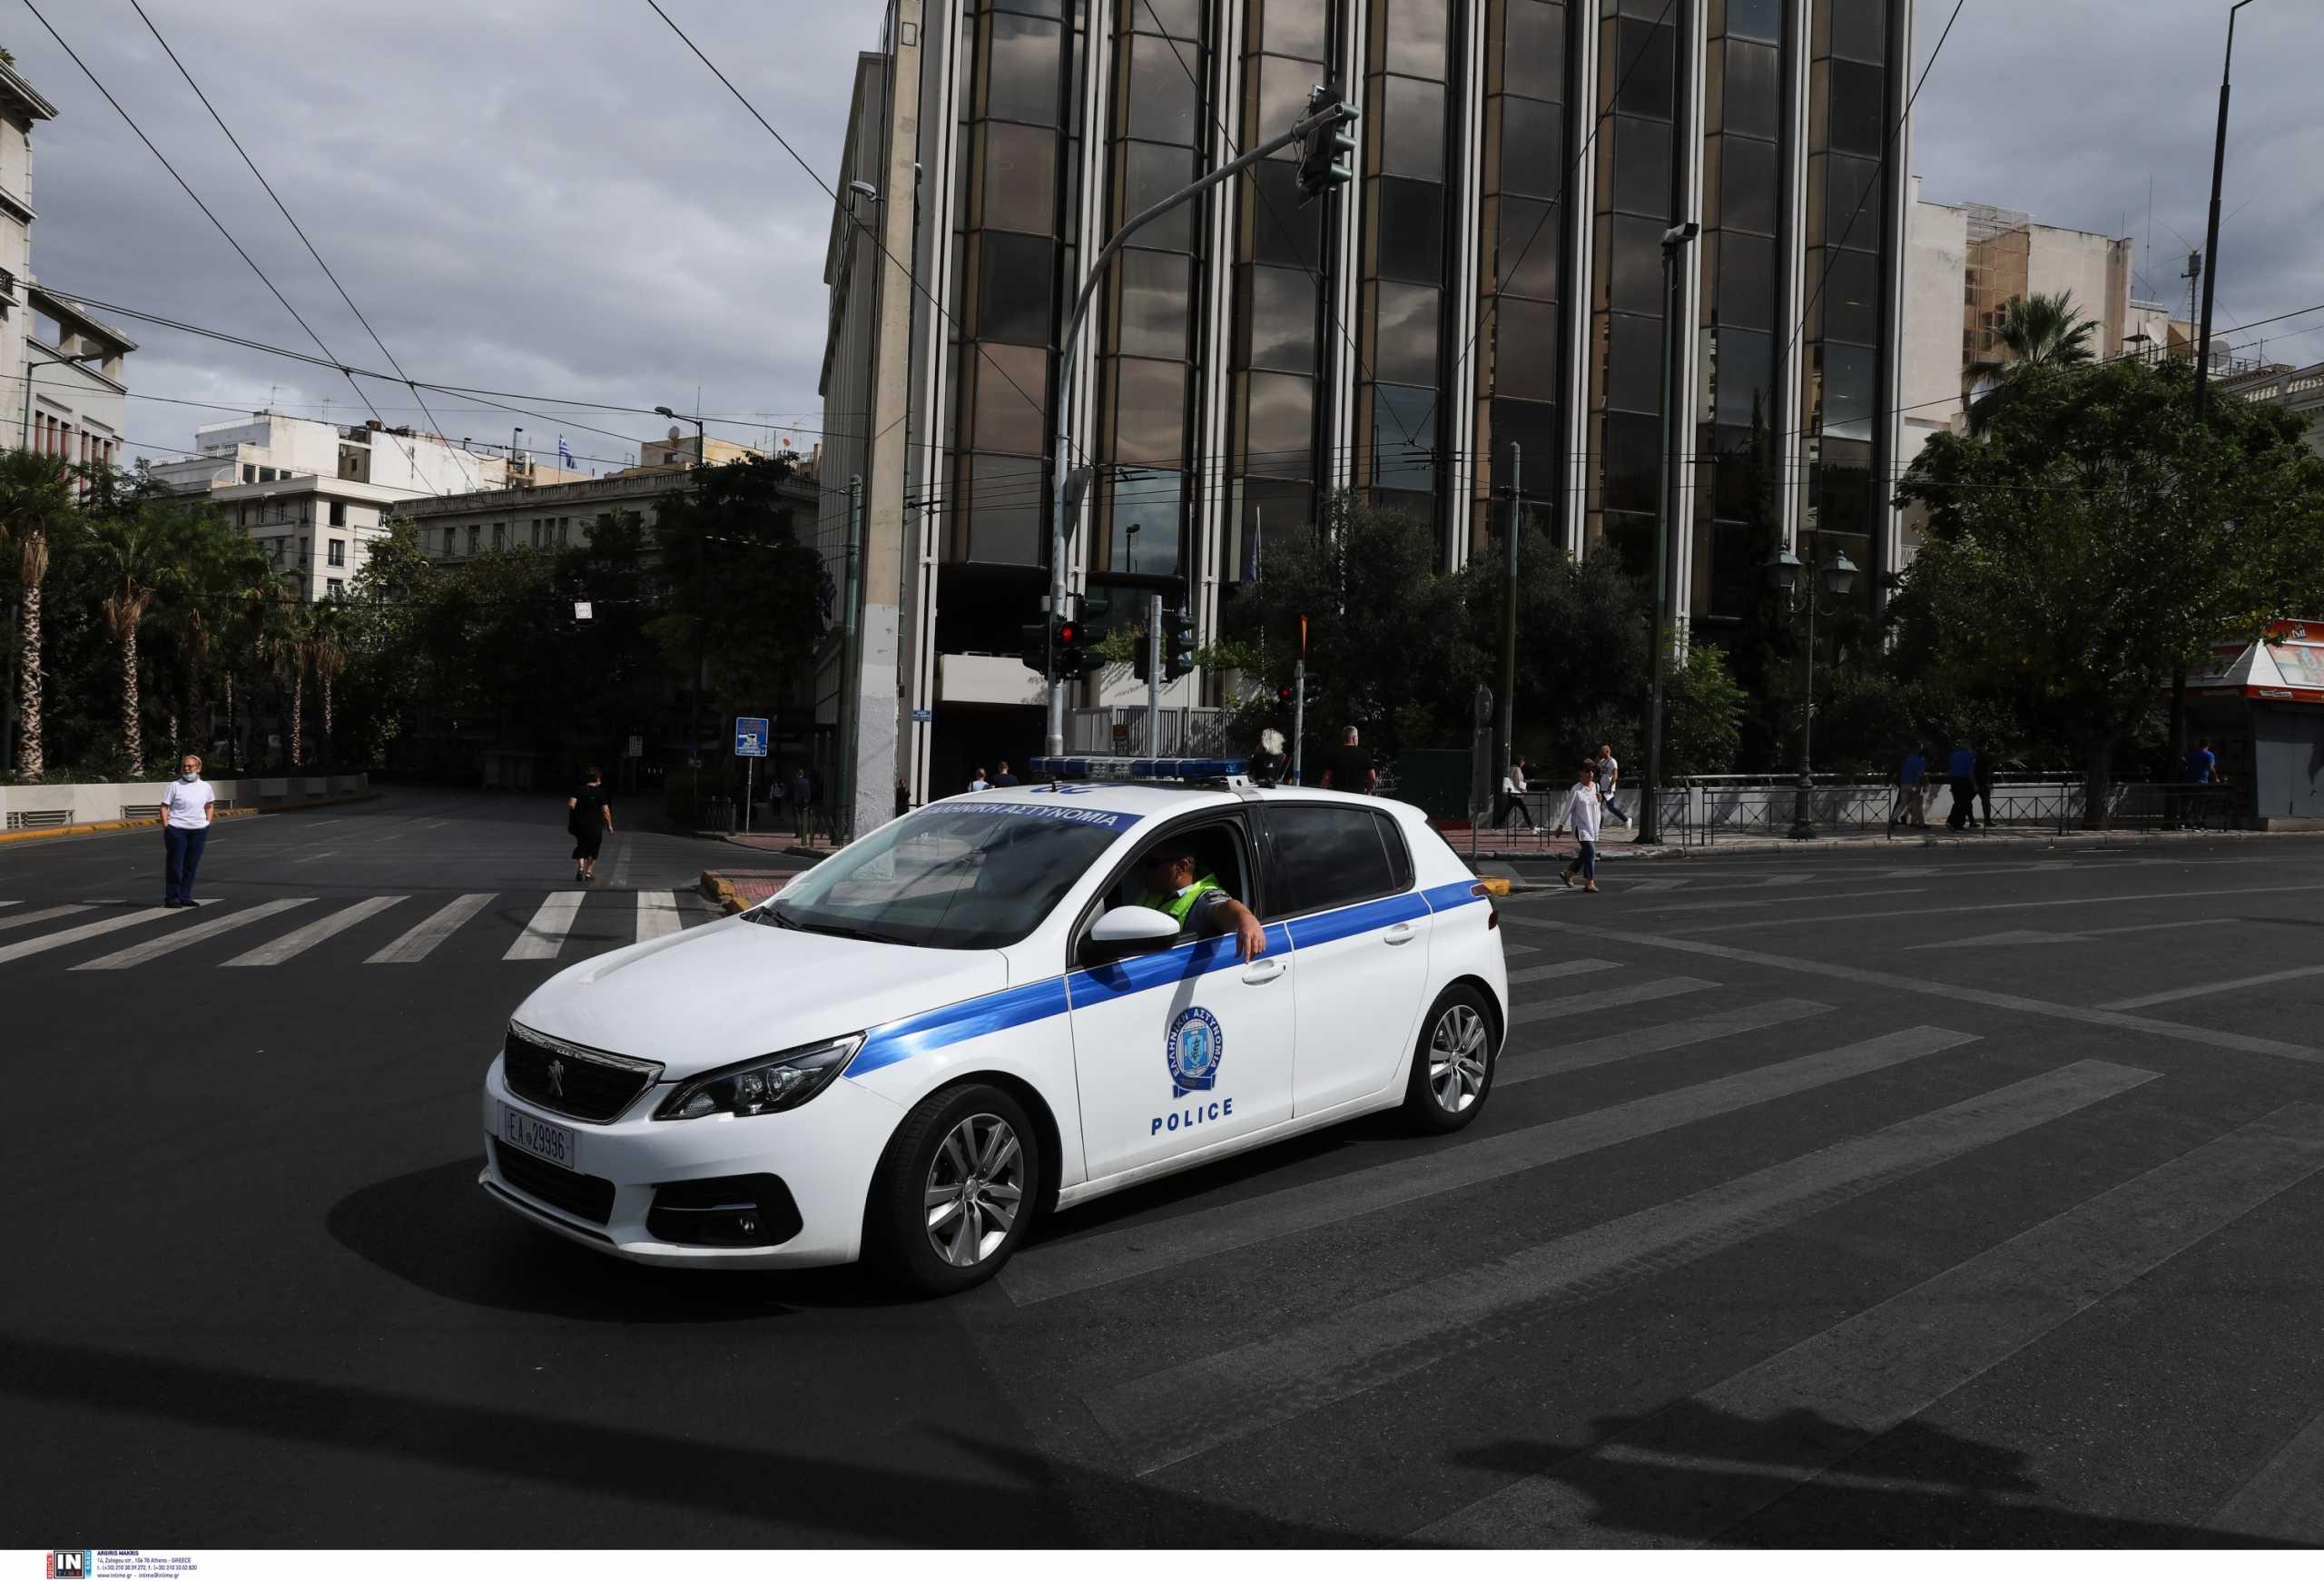 Κυκλοφοριακές ρυθμίσεις στην Αθήνα λόγω ποδηλατικής εκδήλωσης